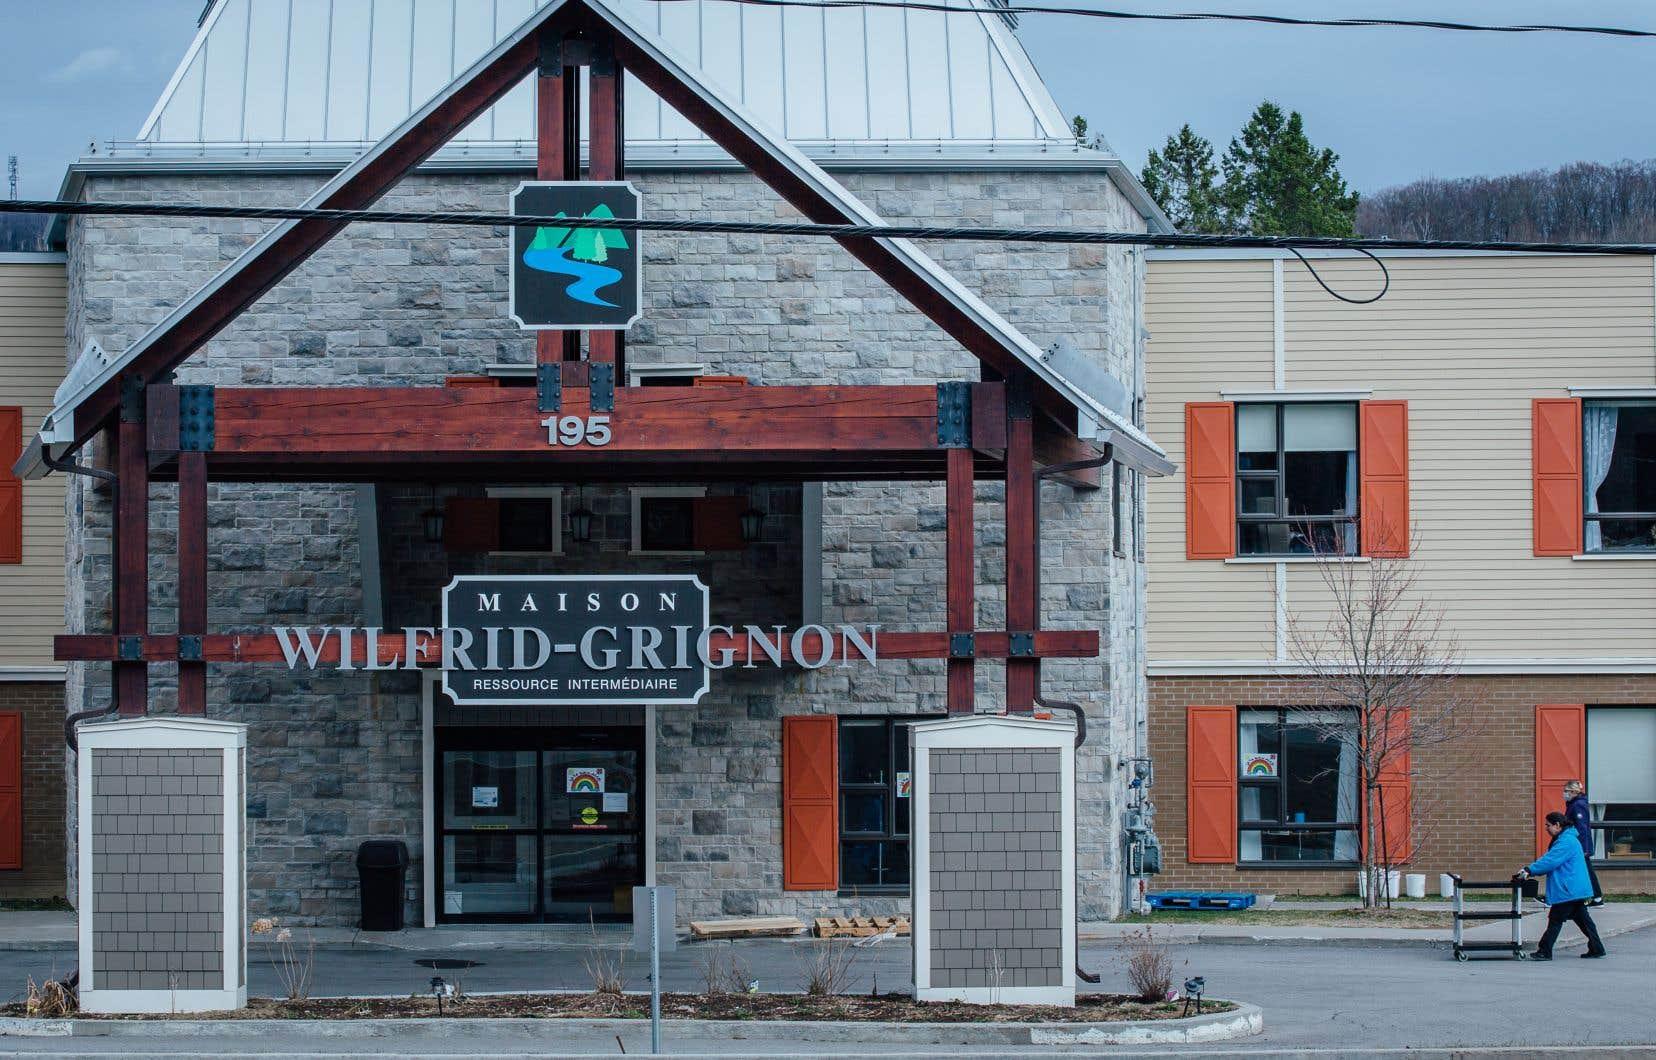 La Maison Wilfrid-Grignon, à Sainte-Adèle, où une équipe du CISSS des Laurentides a été dépêchée pour prendre soin des aînés.